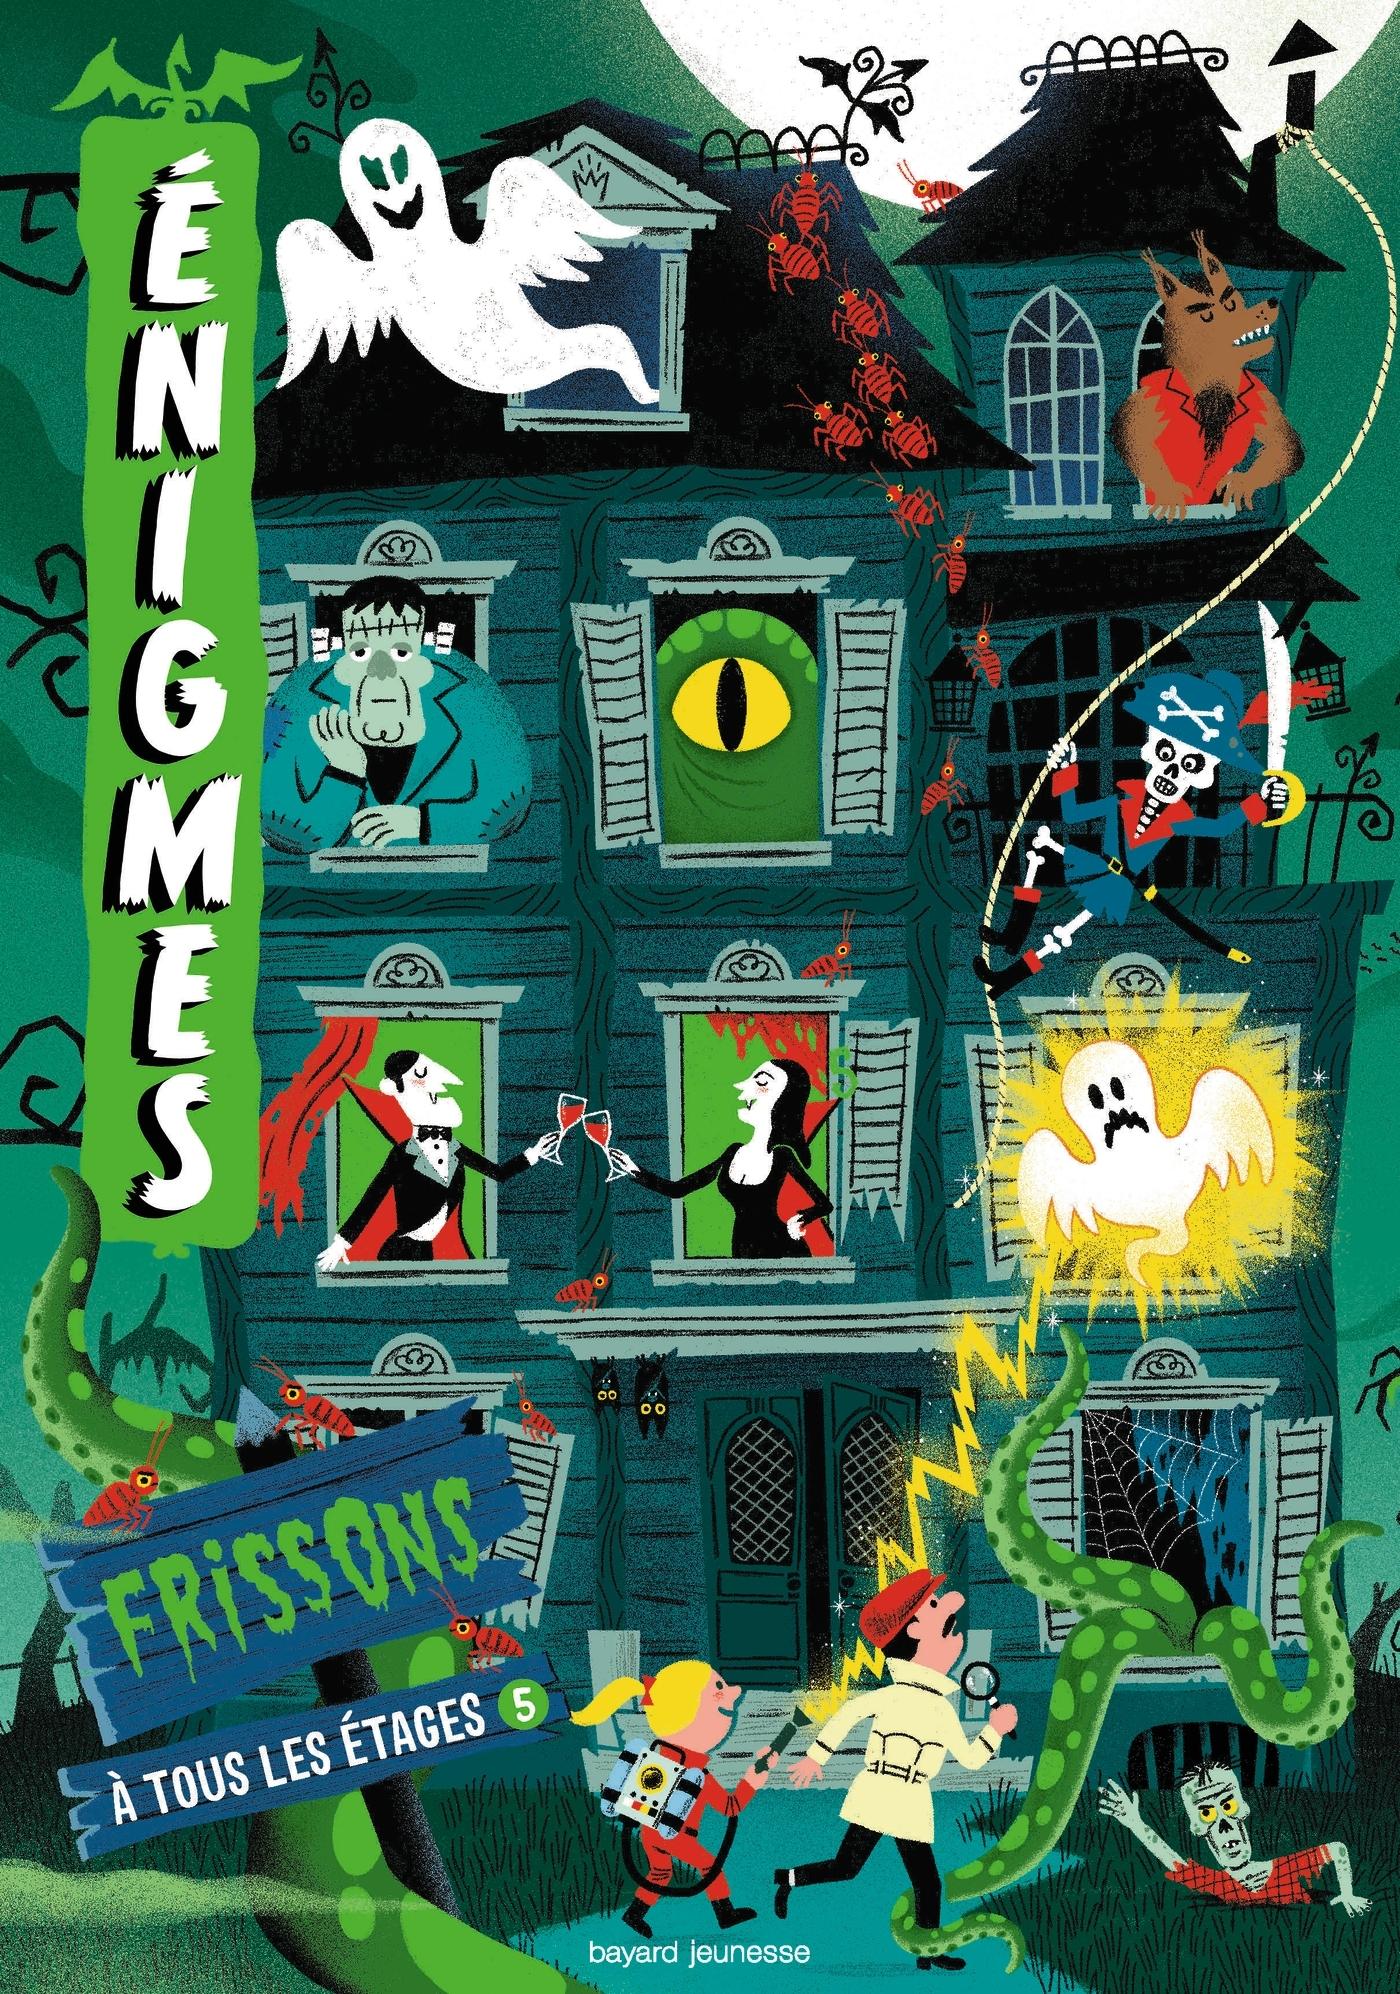 ENIGMES A TOUS LES ETAGES 5 / FRISSONS